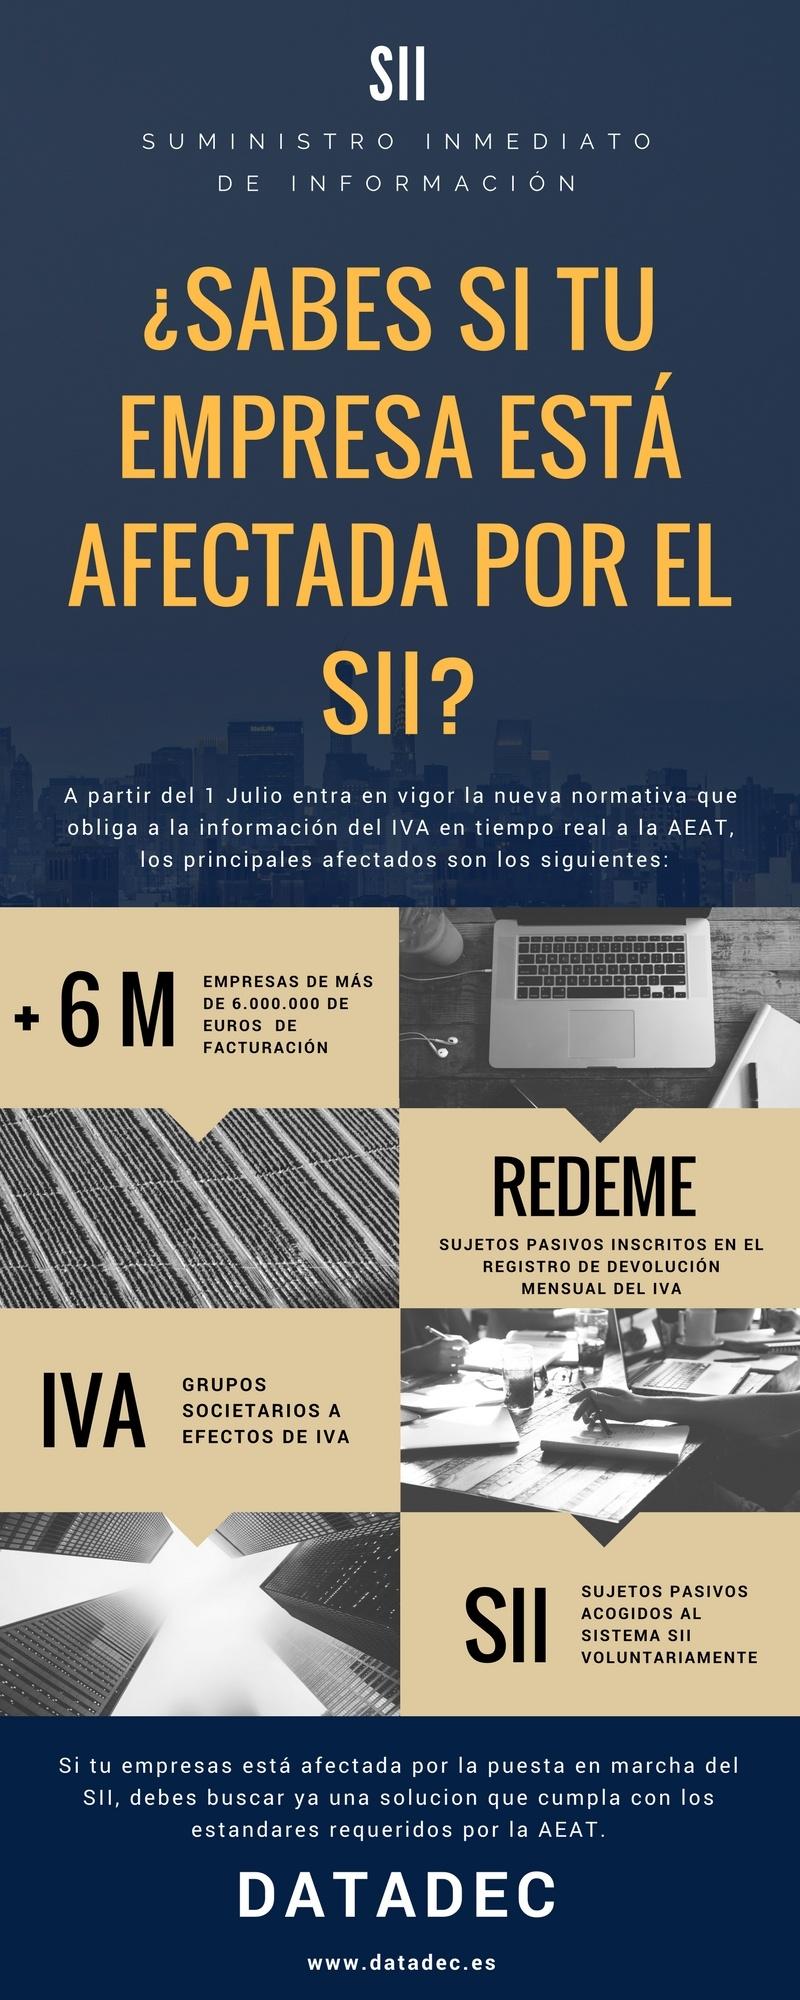 IVA: quiénes están afectados por el SII